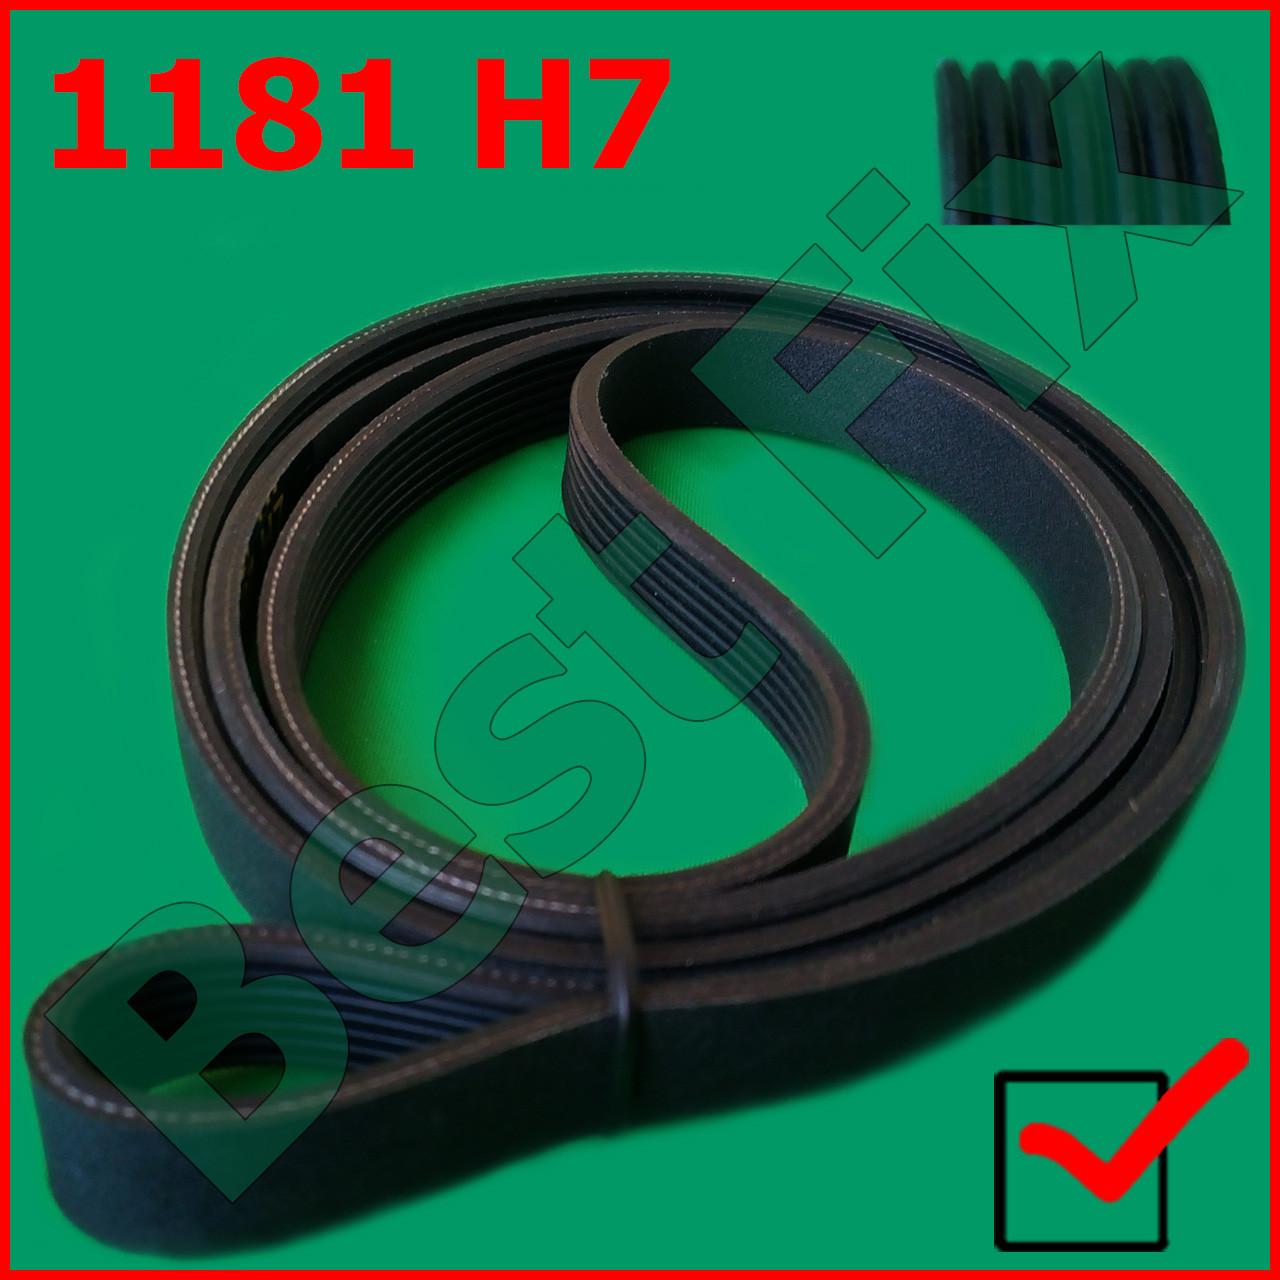 Ремень 1181 H7 PHE Hutchinson черный